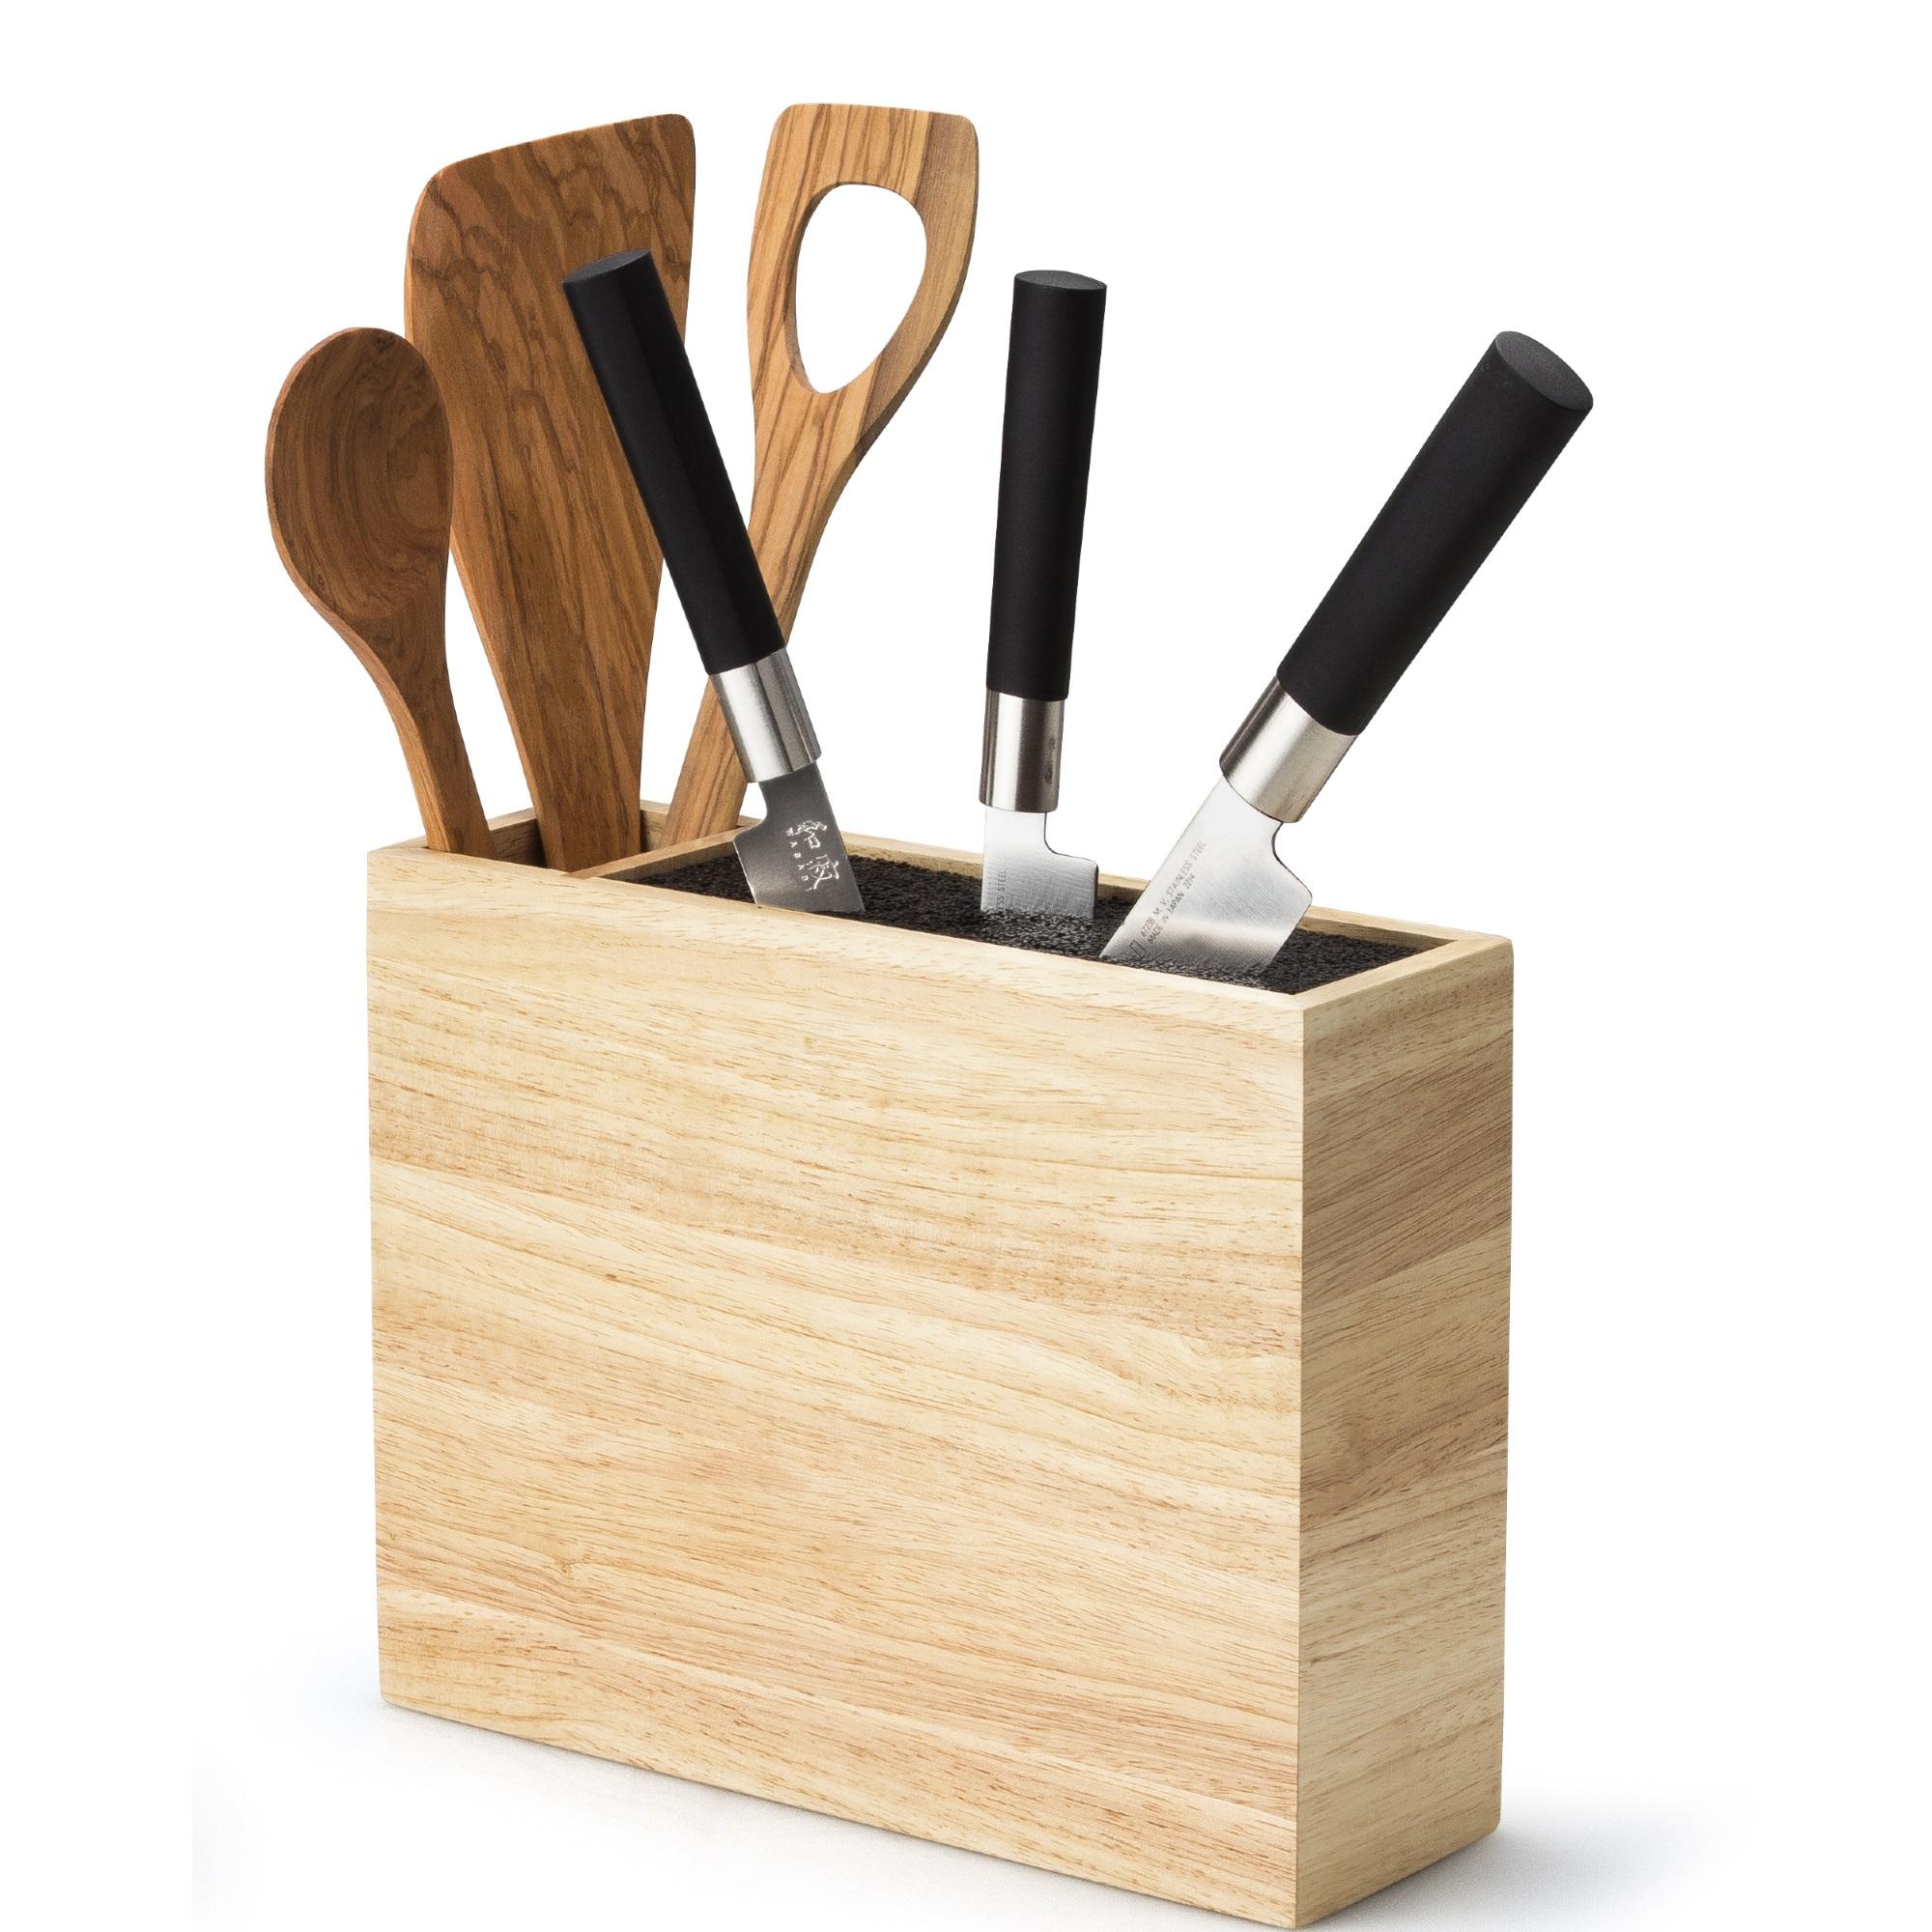 continenta messerblock aus gummibaumholz ohne schlitze mit beh lter ebay. Black Bedroom Furniture Sets. Home Design Ideas